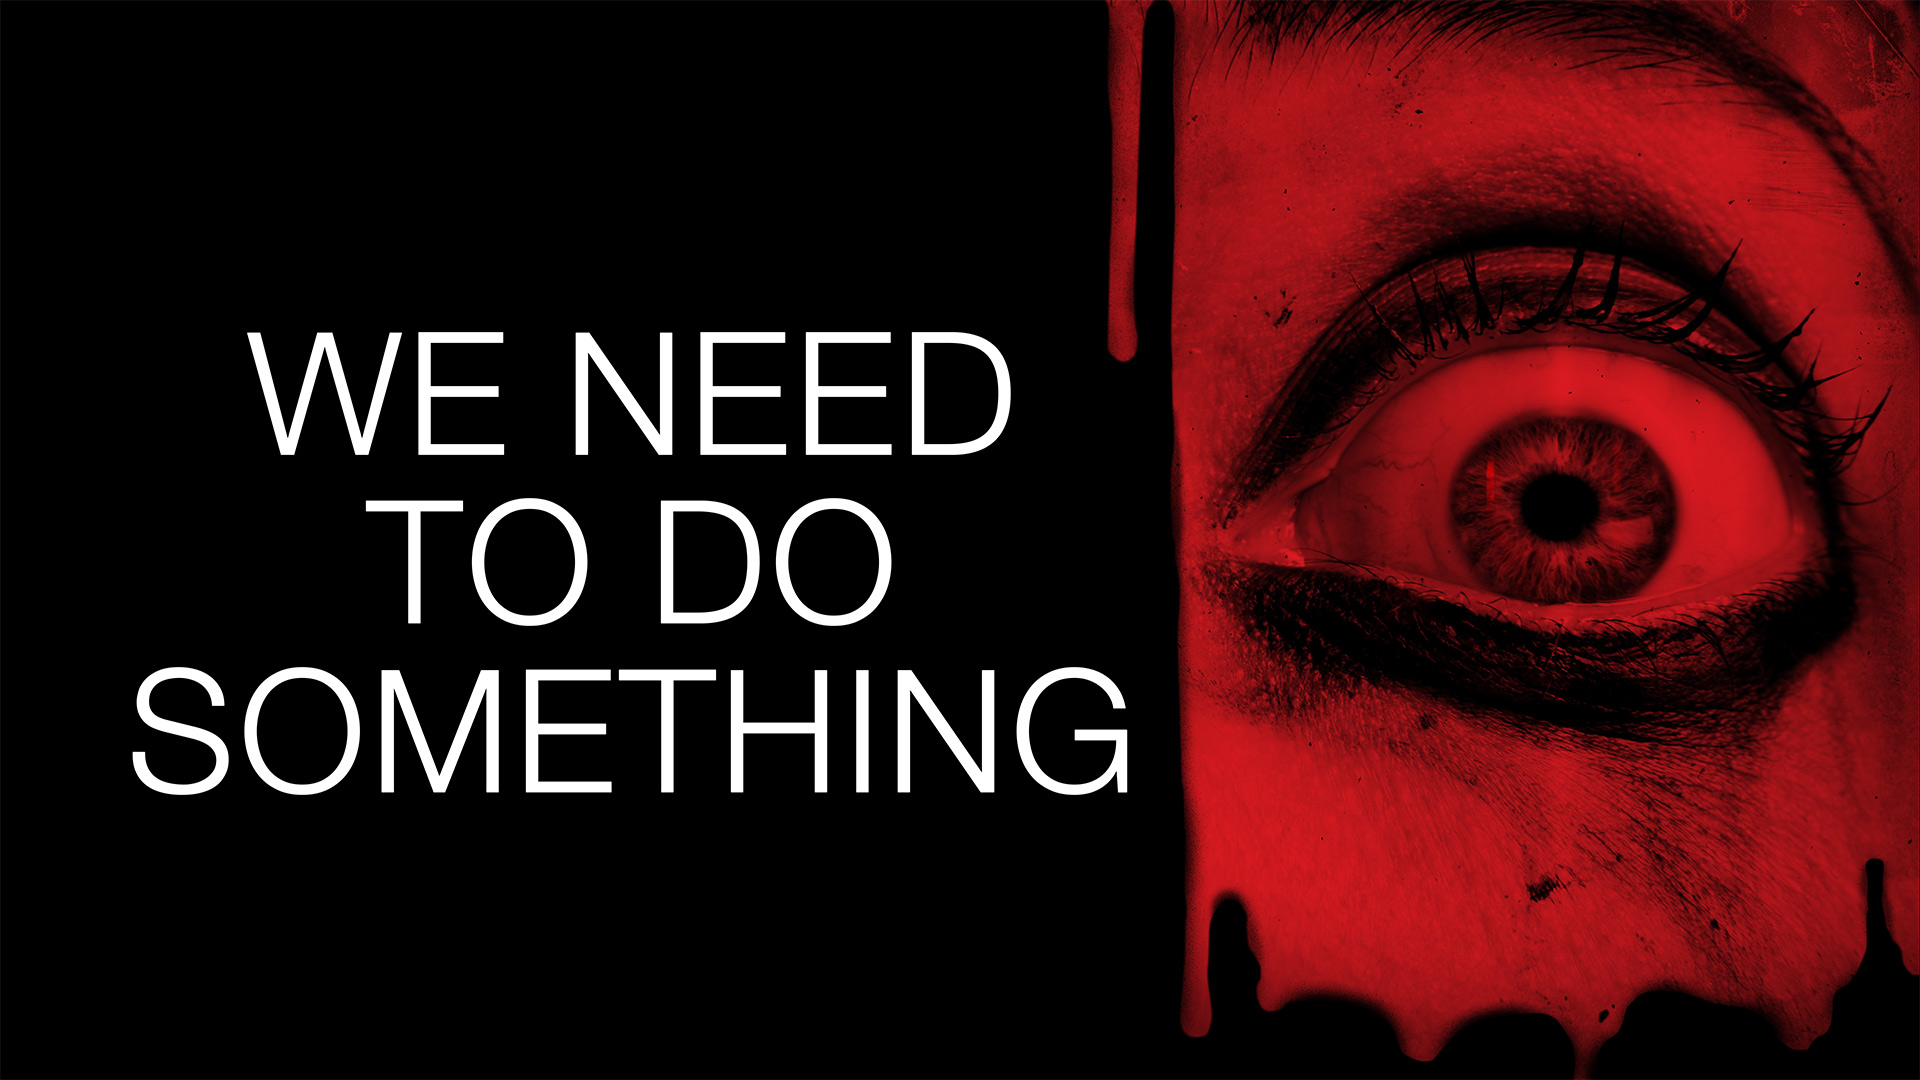 We Need to Do Something